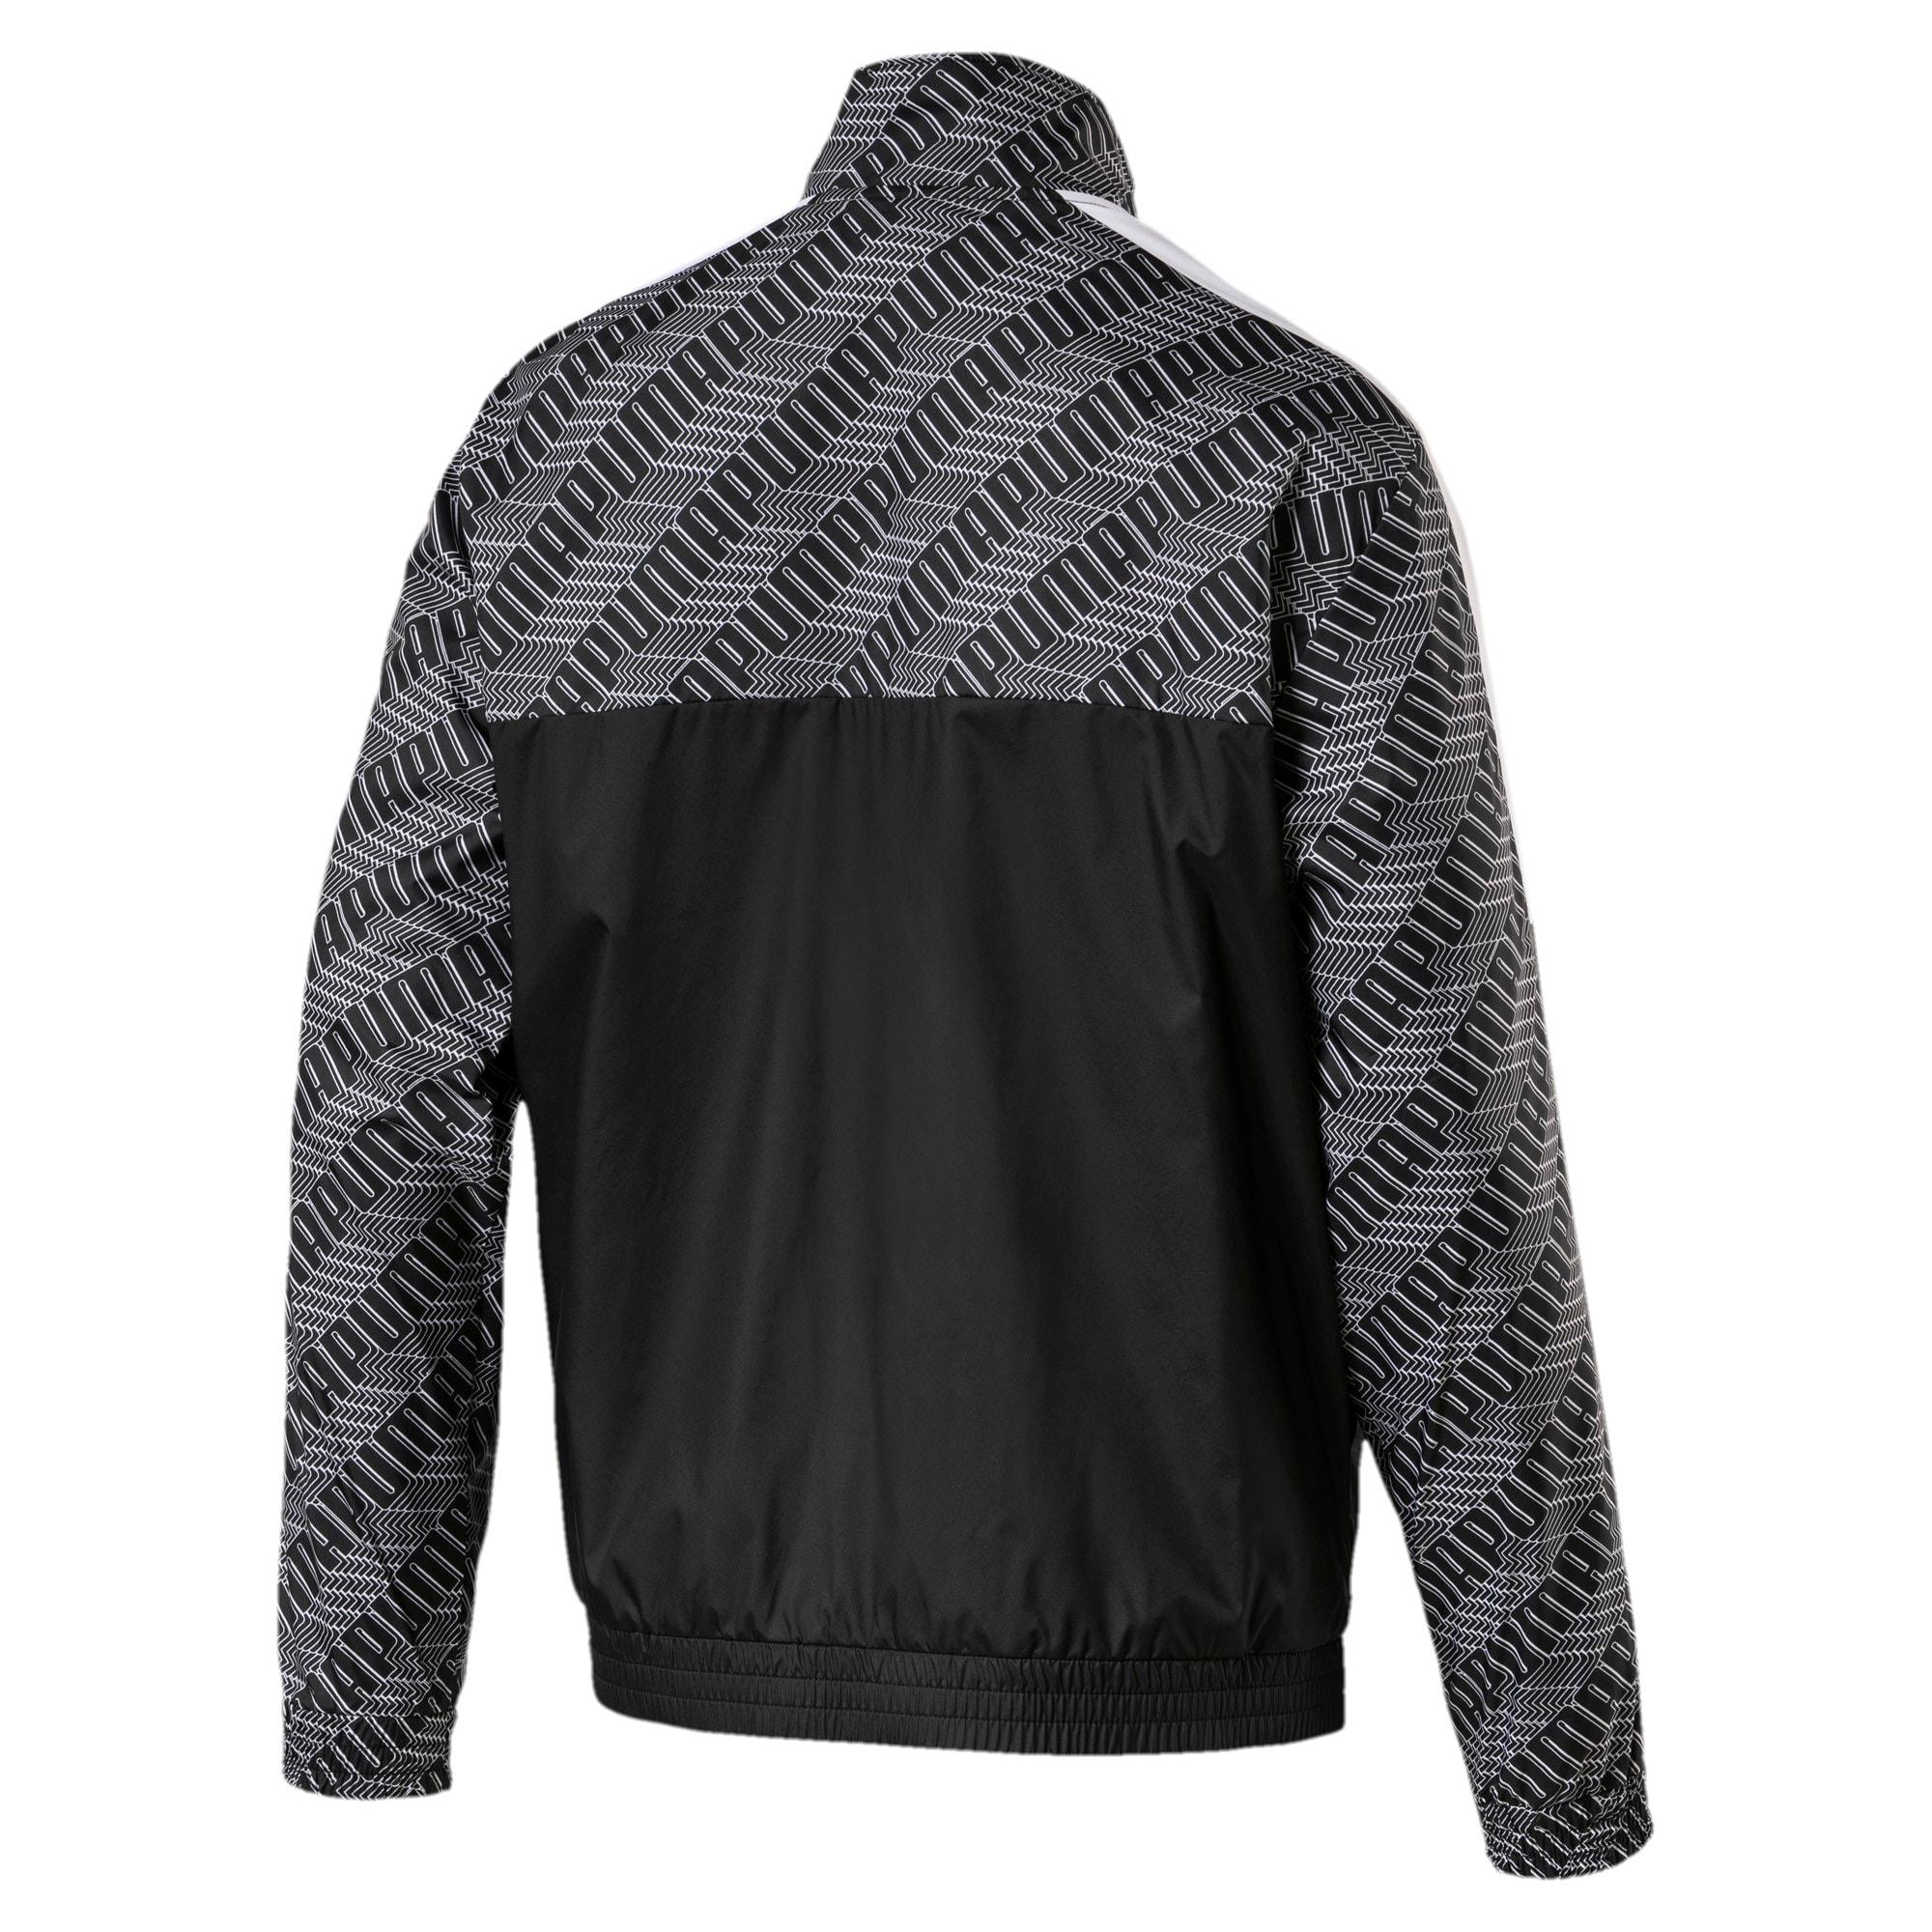 Thumbnail 5 of T7 Men's AOP Track Jacket, Puma Black-Repeat logo, medium